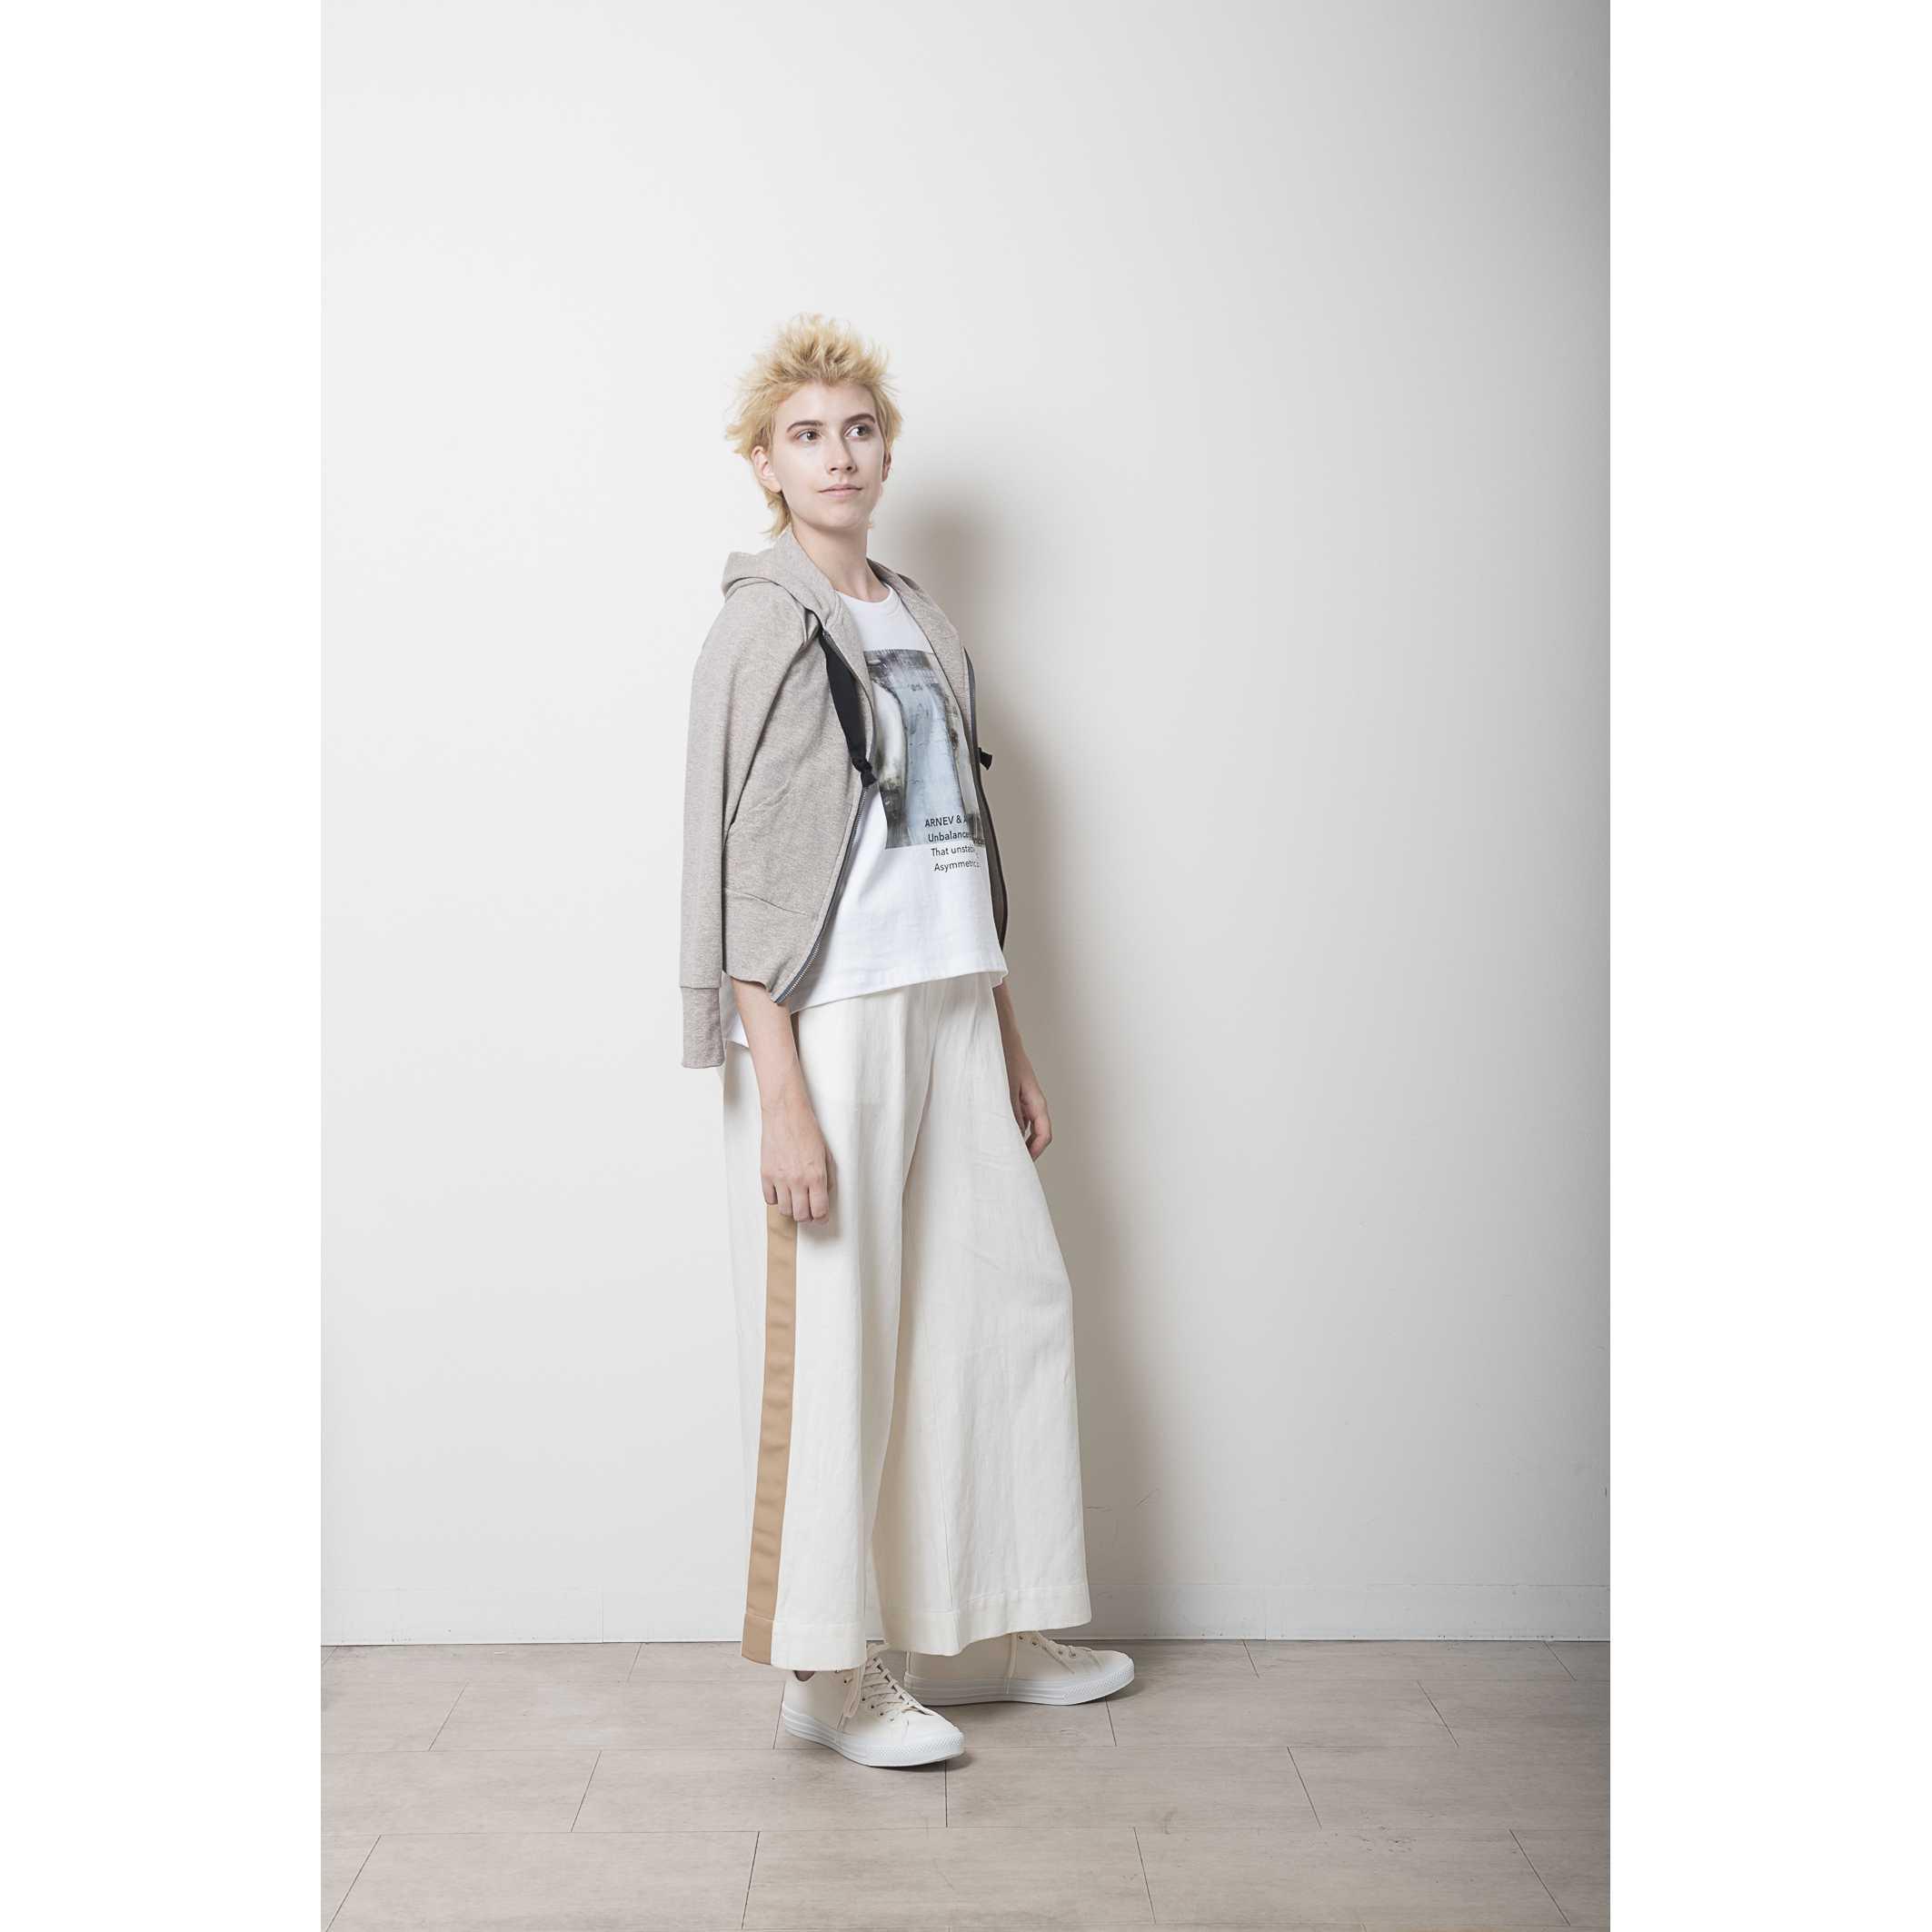 田中雅美さん、「ジャンクSPORTS」でcocoraとArnevを着用